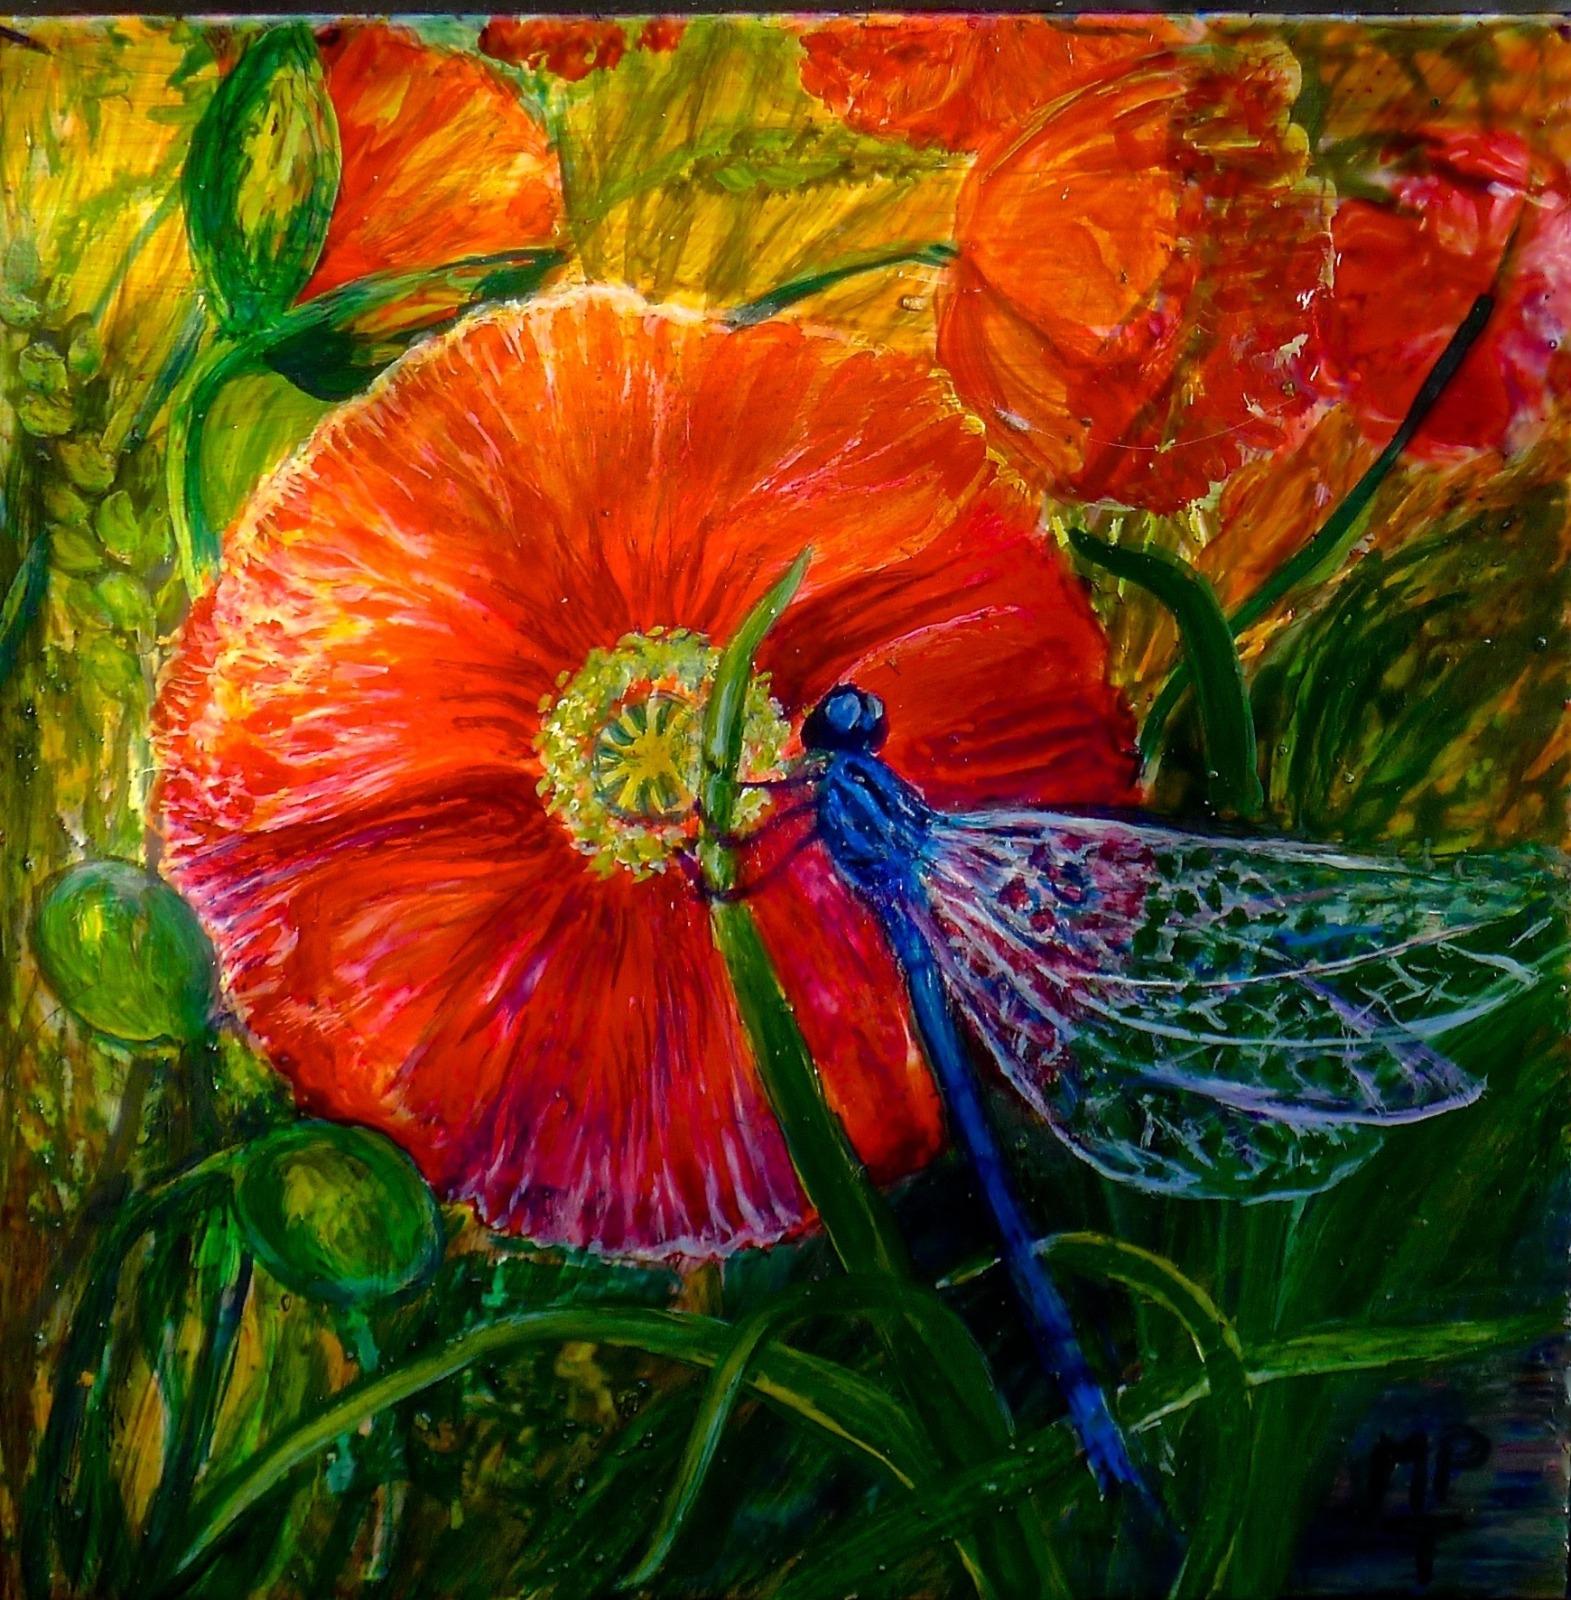 Poppy & Dragonfly